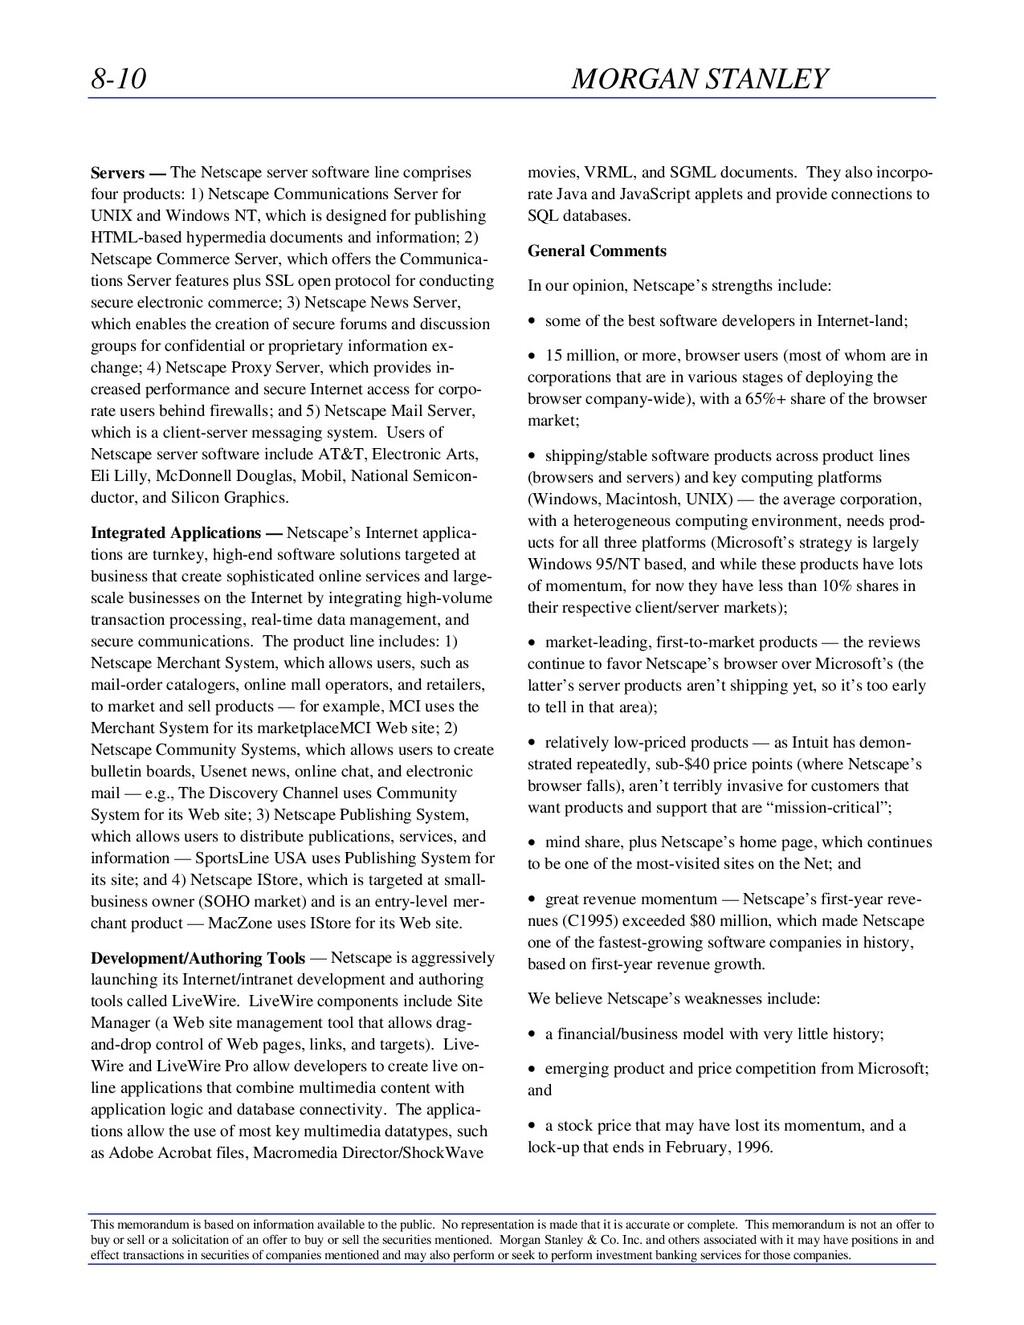 8-10 MORGAN STANLEY This memorandum is based on...